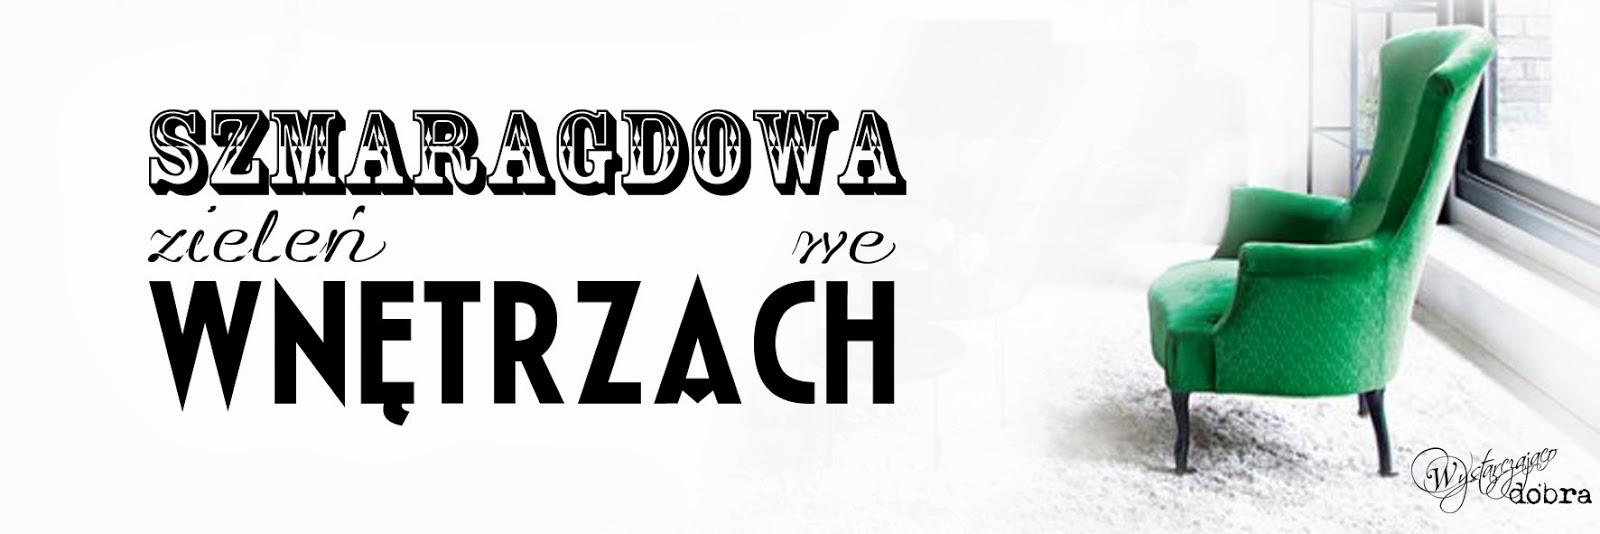 http://wystarczajacodobra.blogspot.com/2013/10/wymarzone-wnetrzeszmaragd-we-wnetrzach_6.html